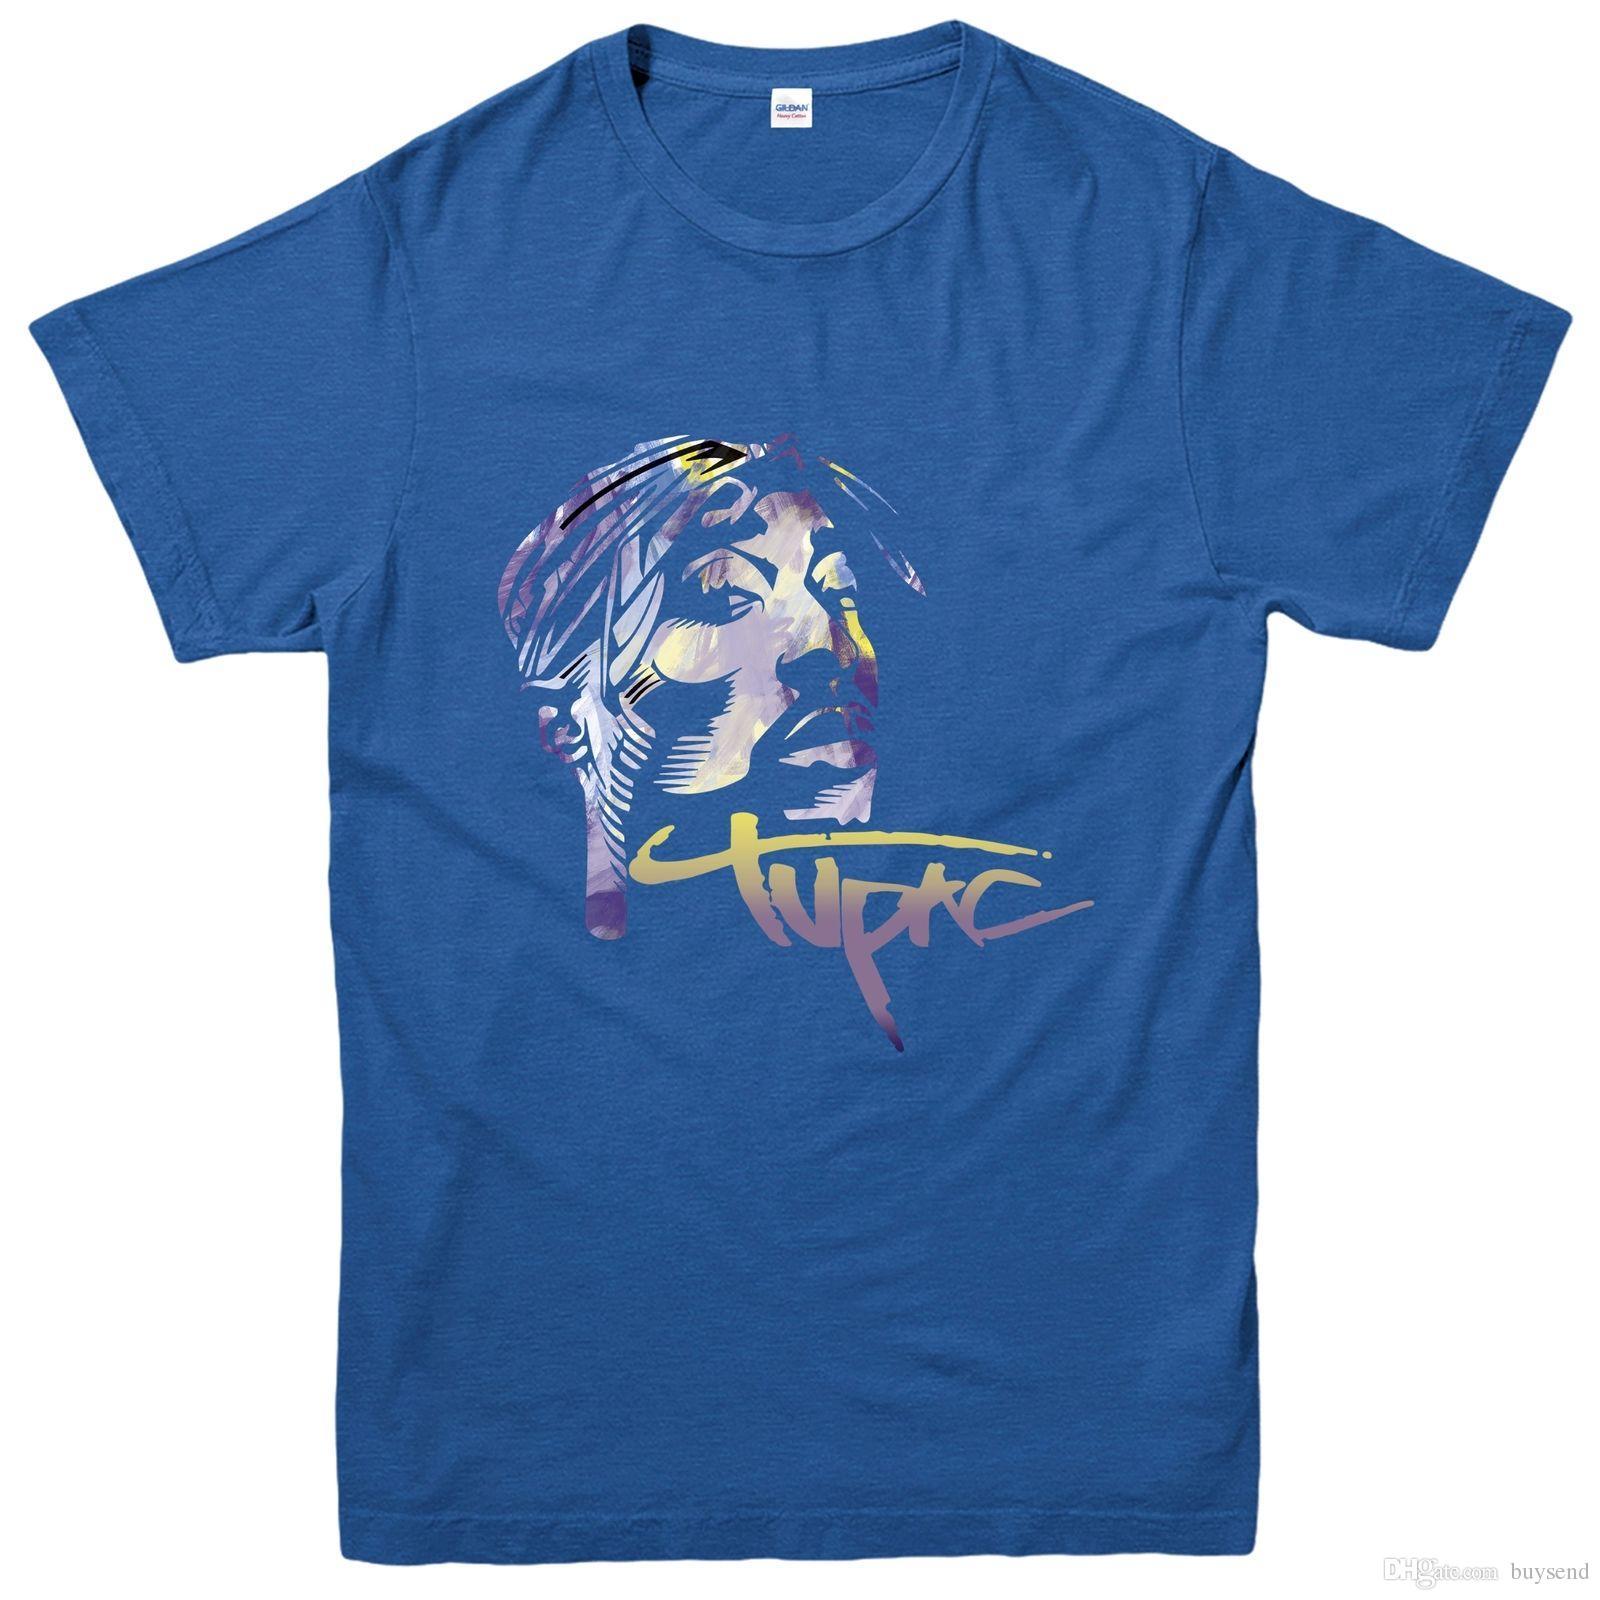 e323afa3e47c9 Compre Camiseta Con Cara De Tupac